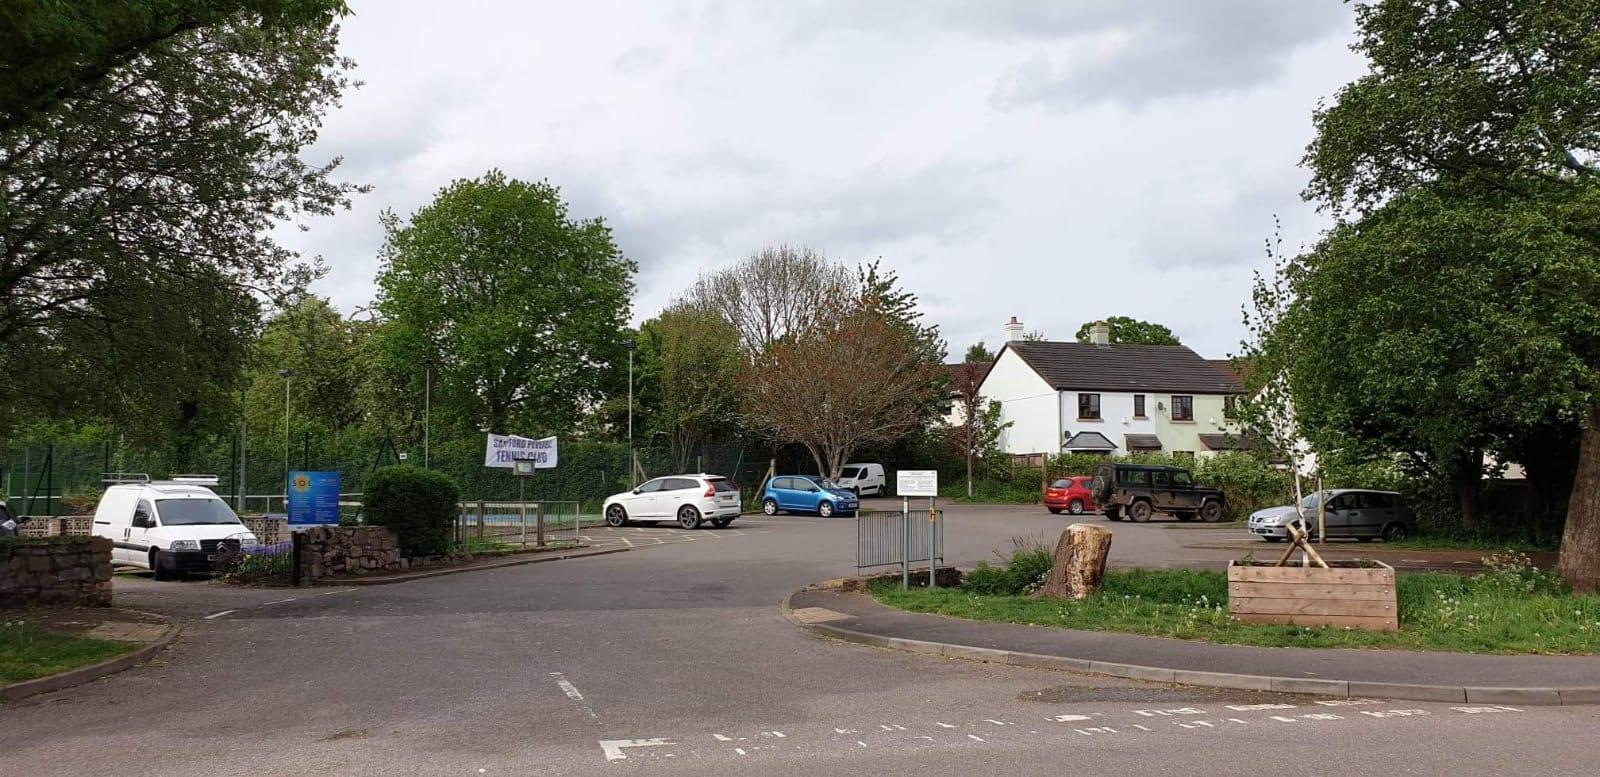 Sampford Peverell Village Car Park